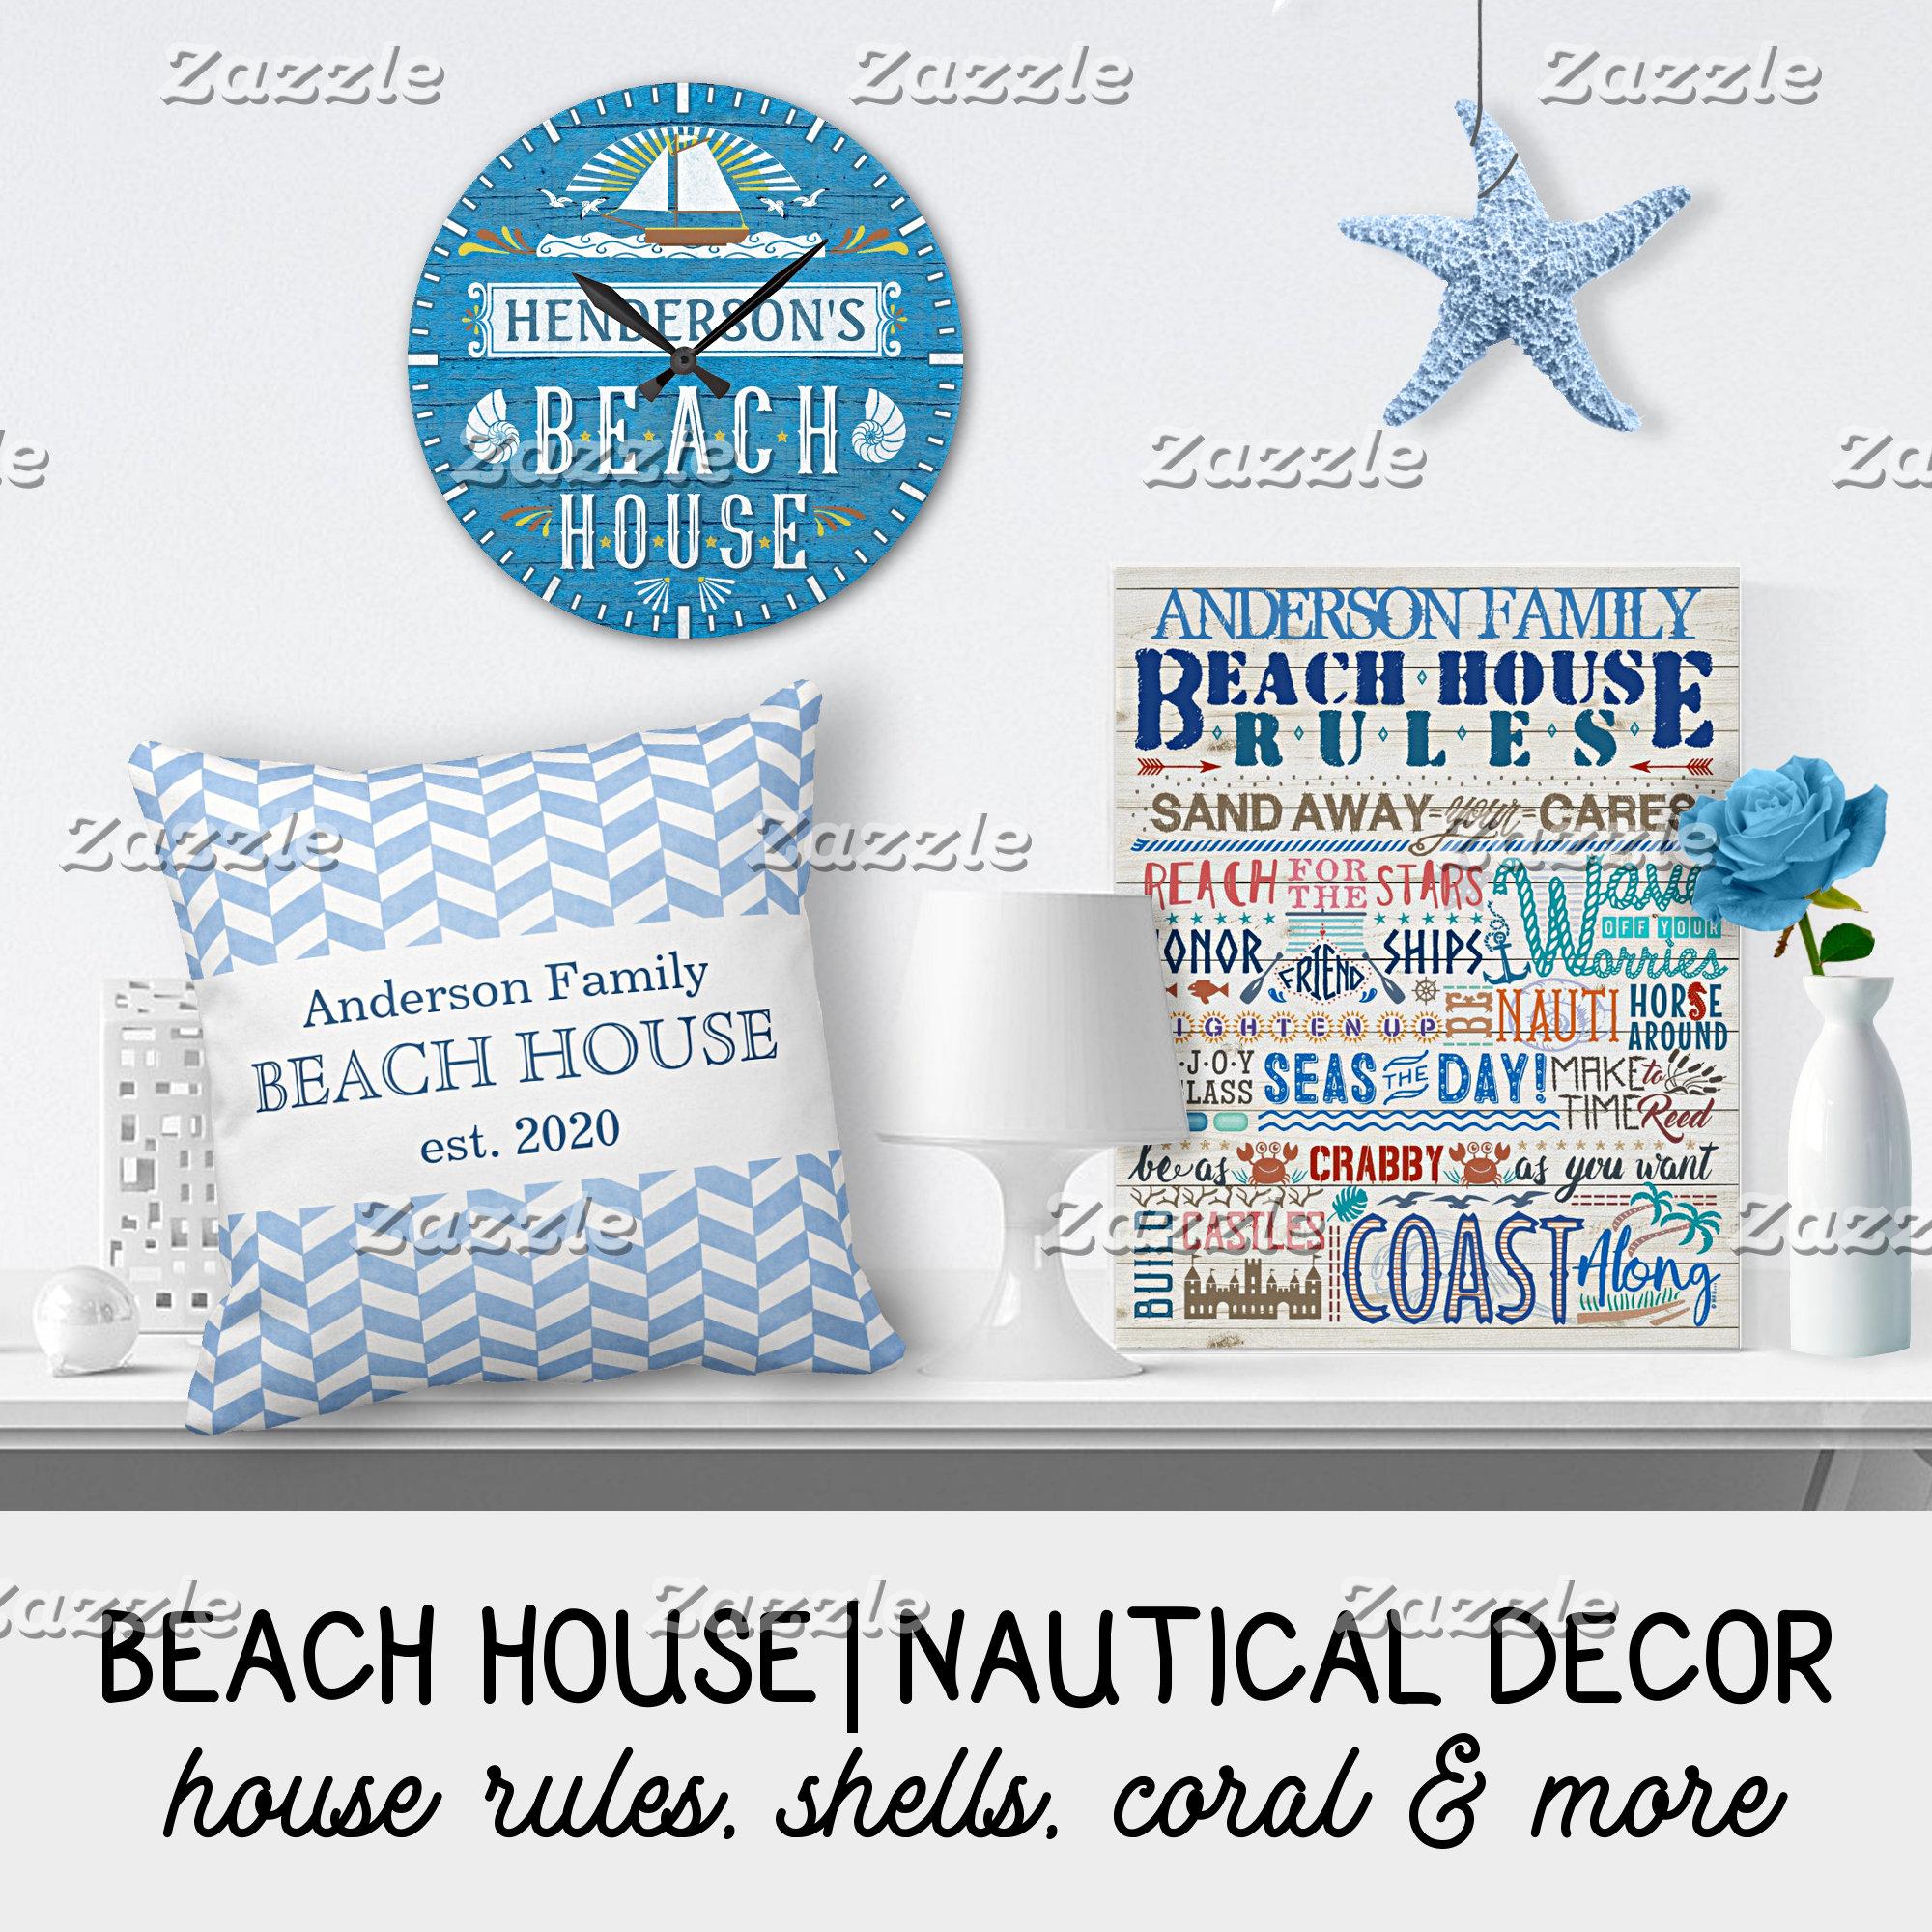 BEACH HOUSE + NAUTICAL DECOR